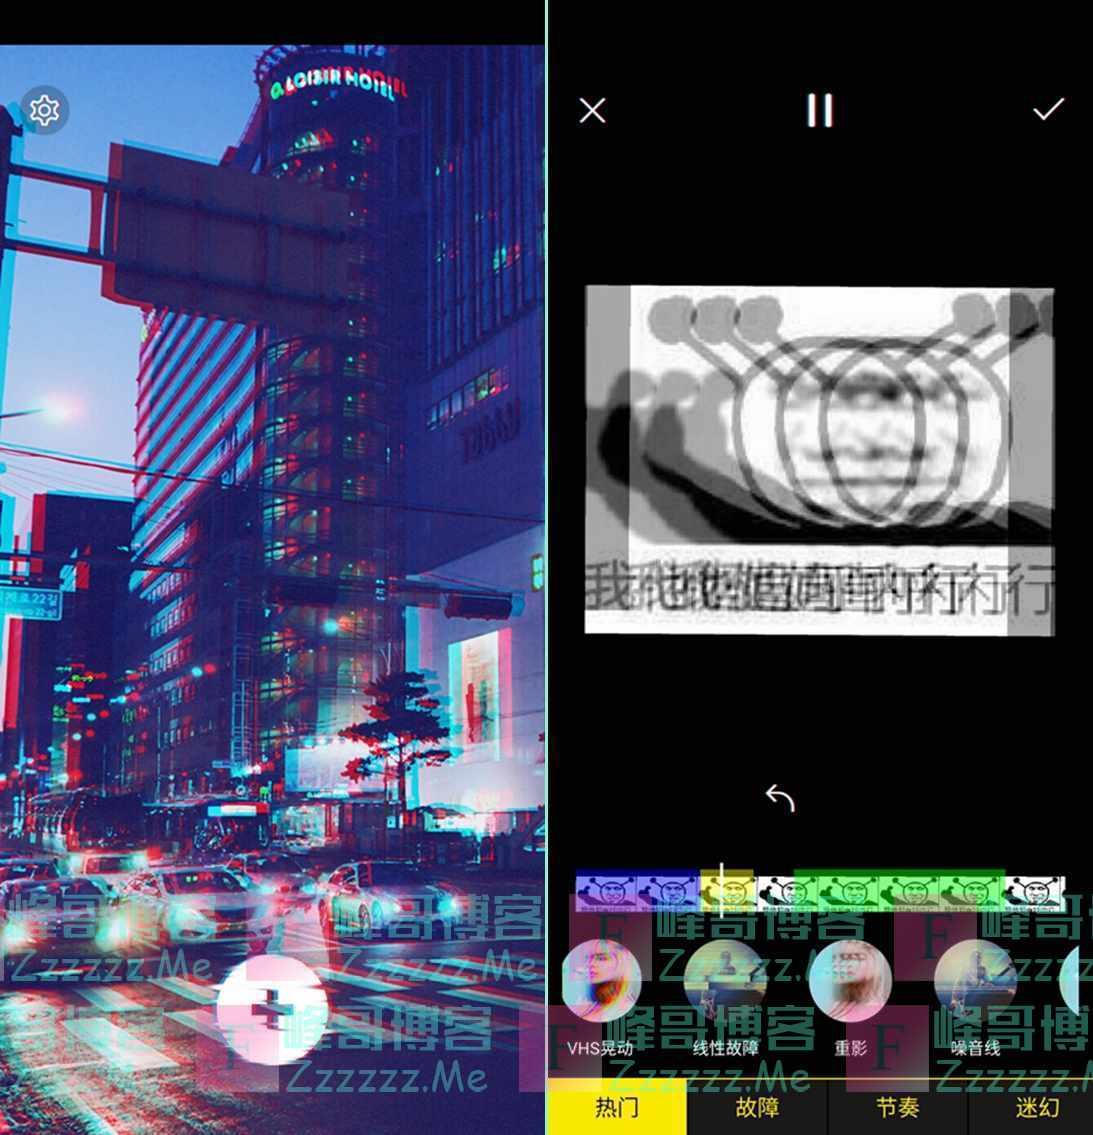 安卓90s蒸汽波特效相机V1.7.1 最新永久PRO订阅会员破解版下载